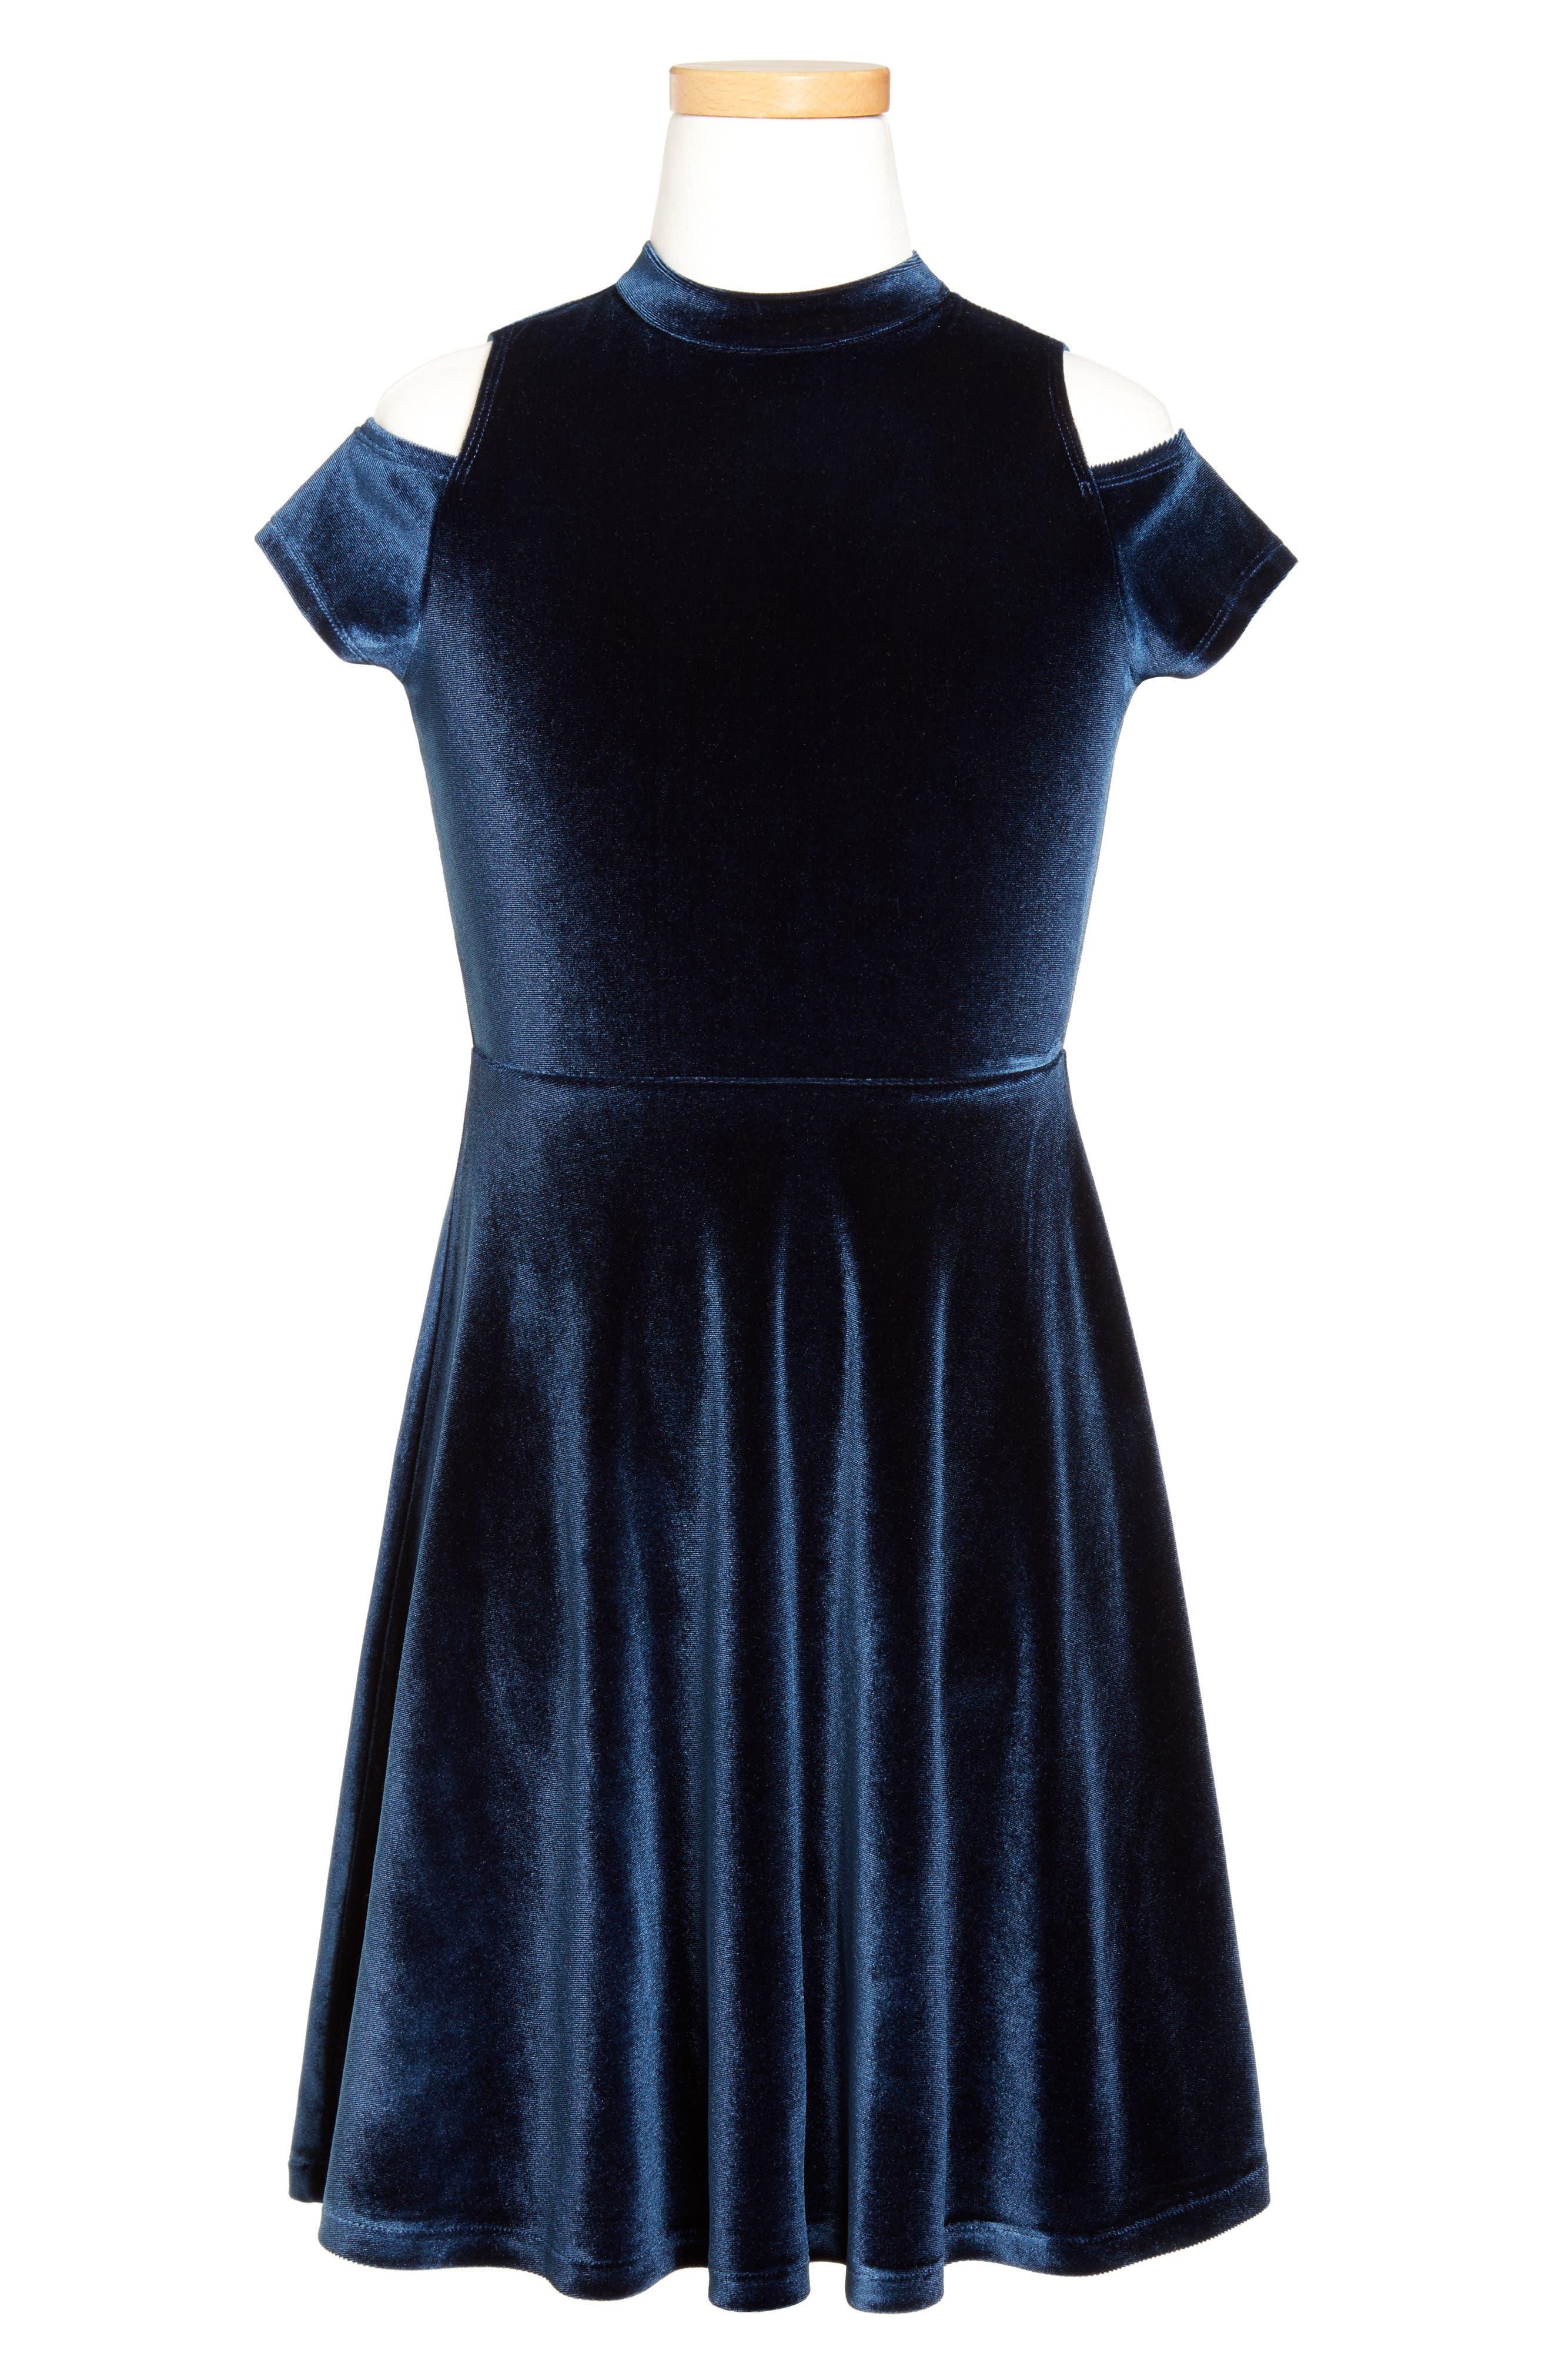 Alternate Image 1 Selected - Ruby & Bloom Velour Cold Shoulder Dress (Big Girls)